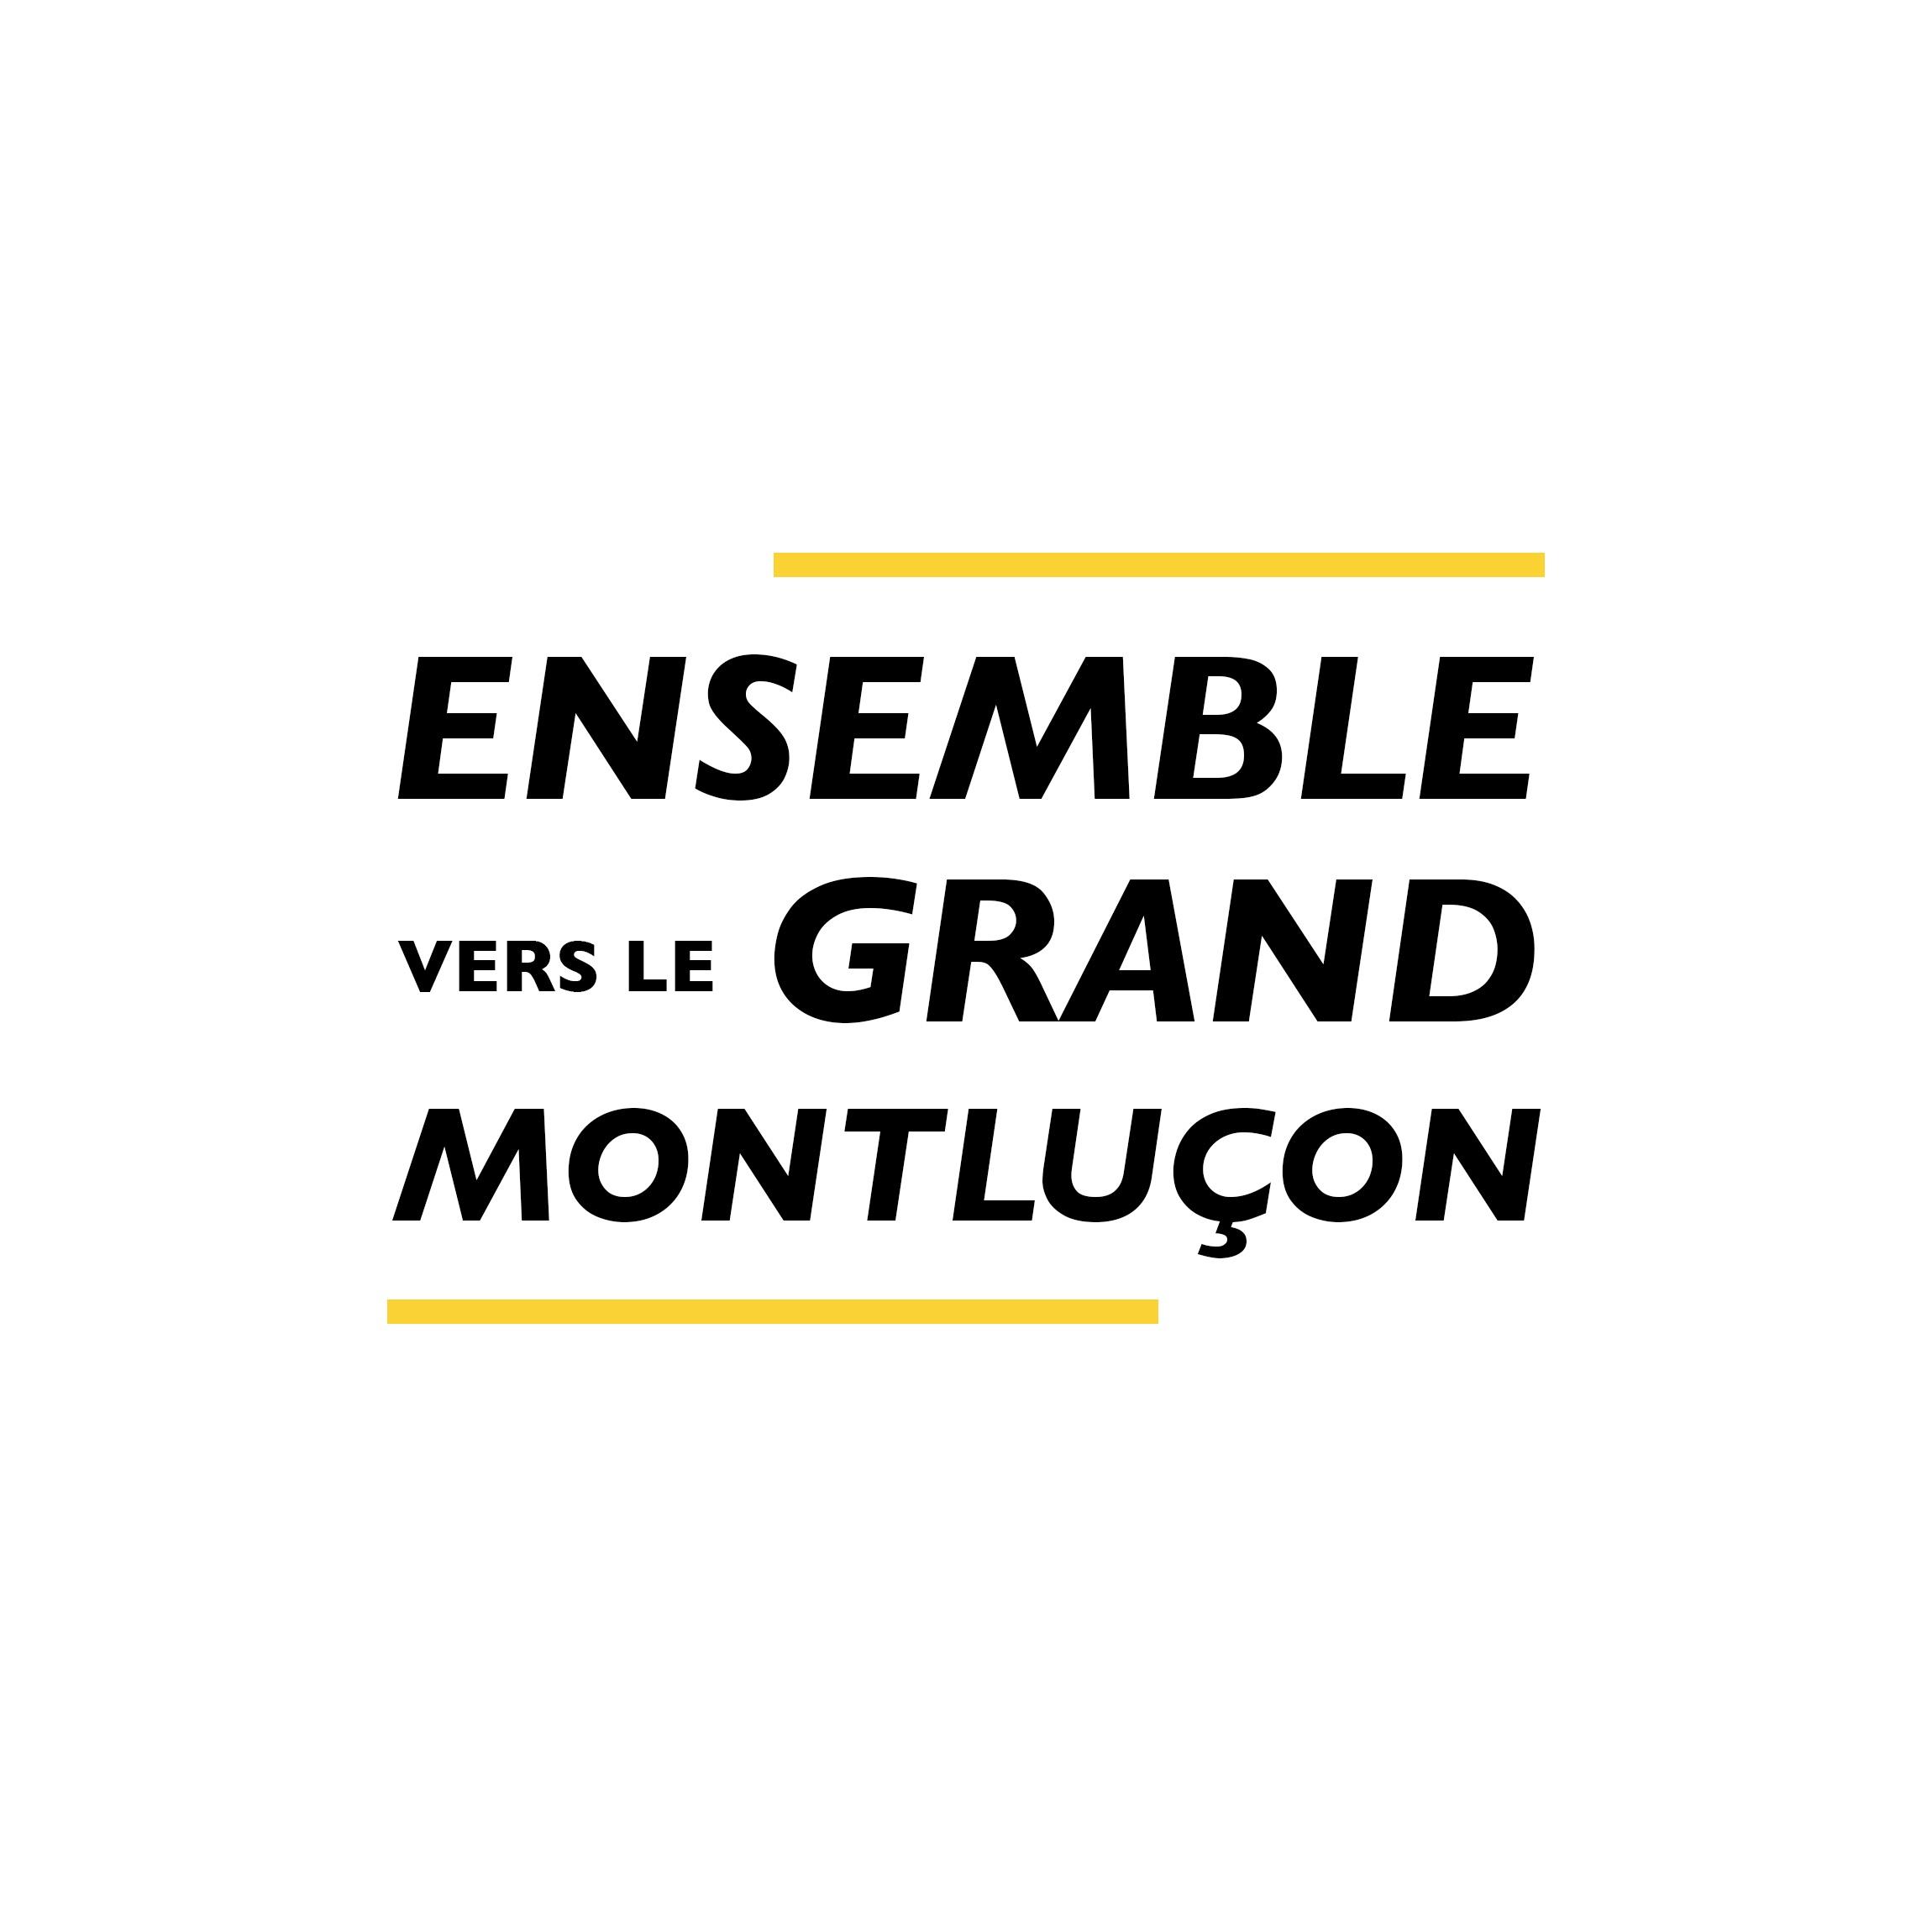 Ensemble vers le Grand Montluçon